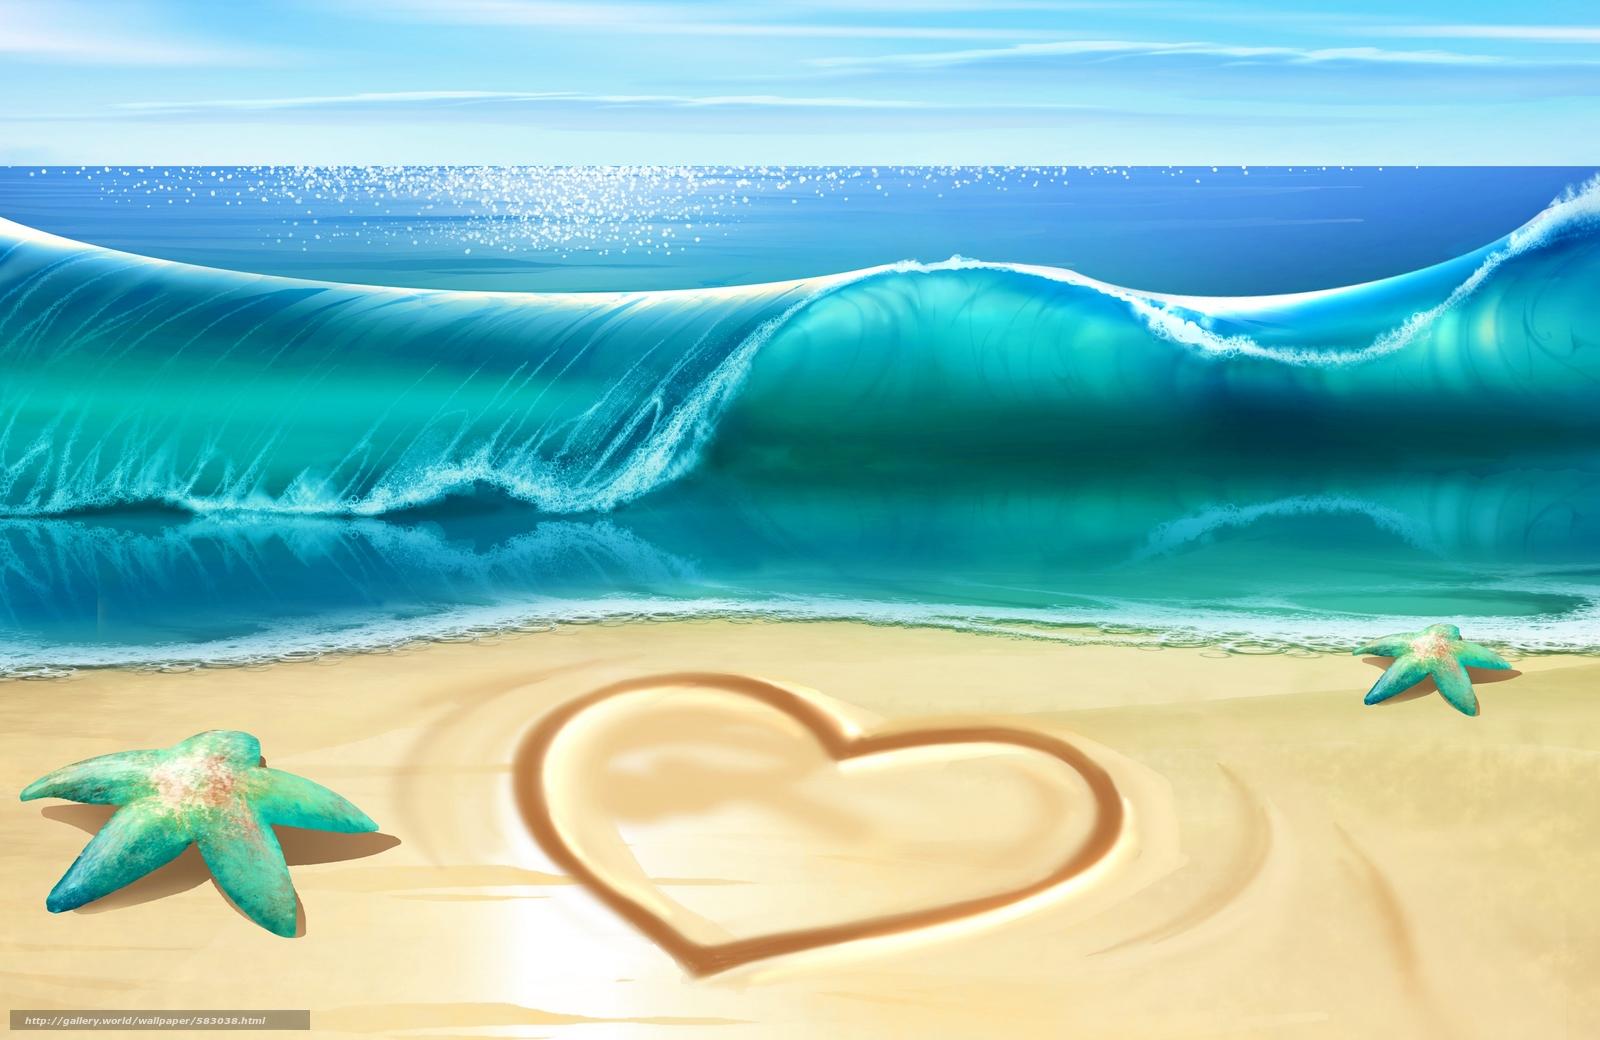 Scaricare gli sfondi cuore stelle marine mare spiaggia for Foto per desktop gratis mare